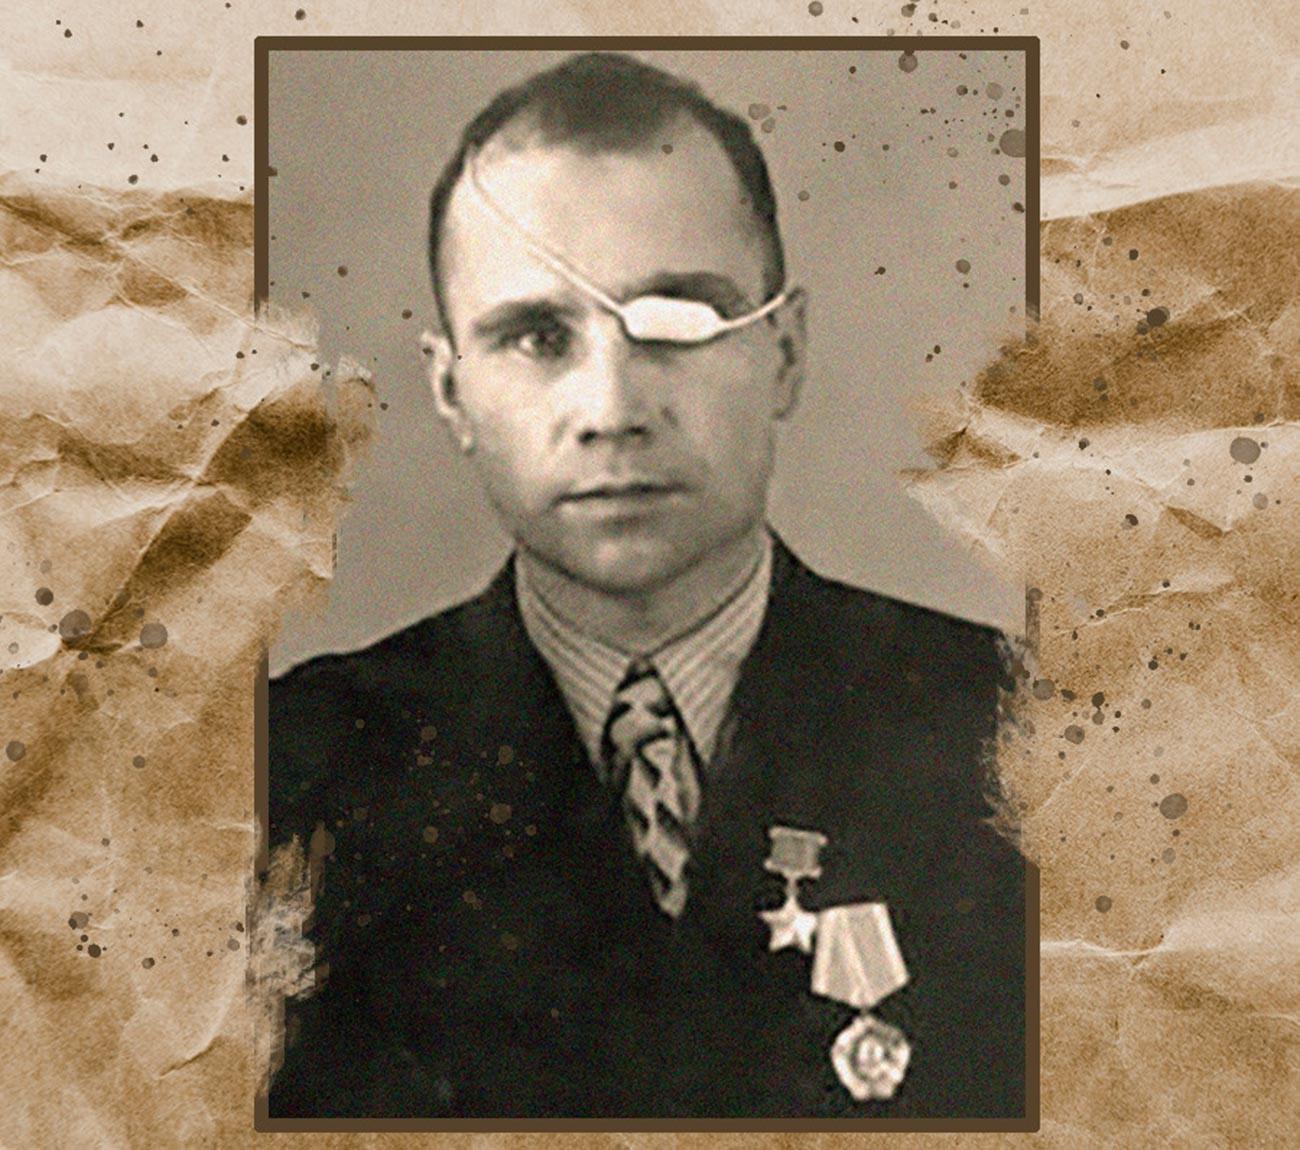 El sargento Vasili Grigin fue despojado de su título de Héroe por gamberrismo, robo e infligir graves daños corporales